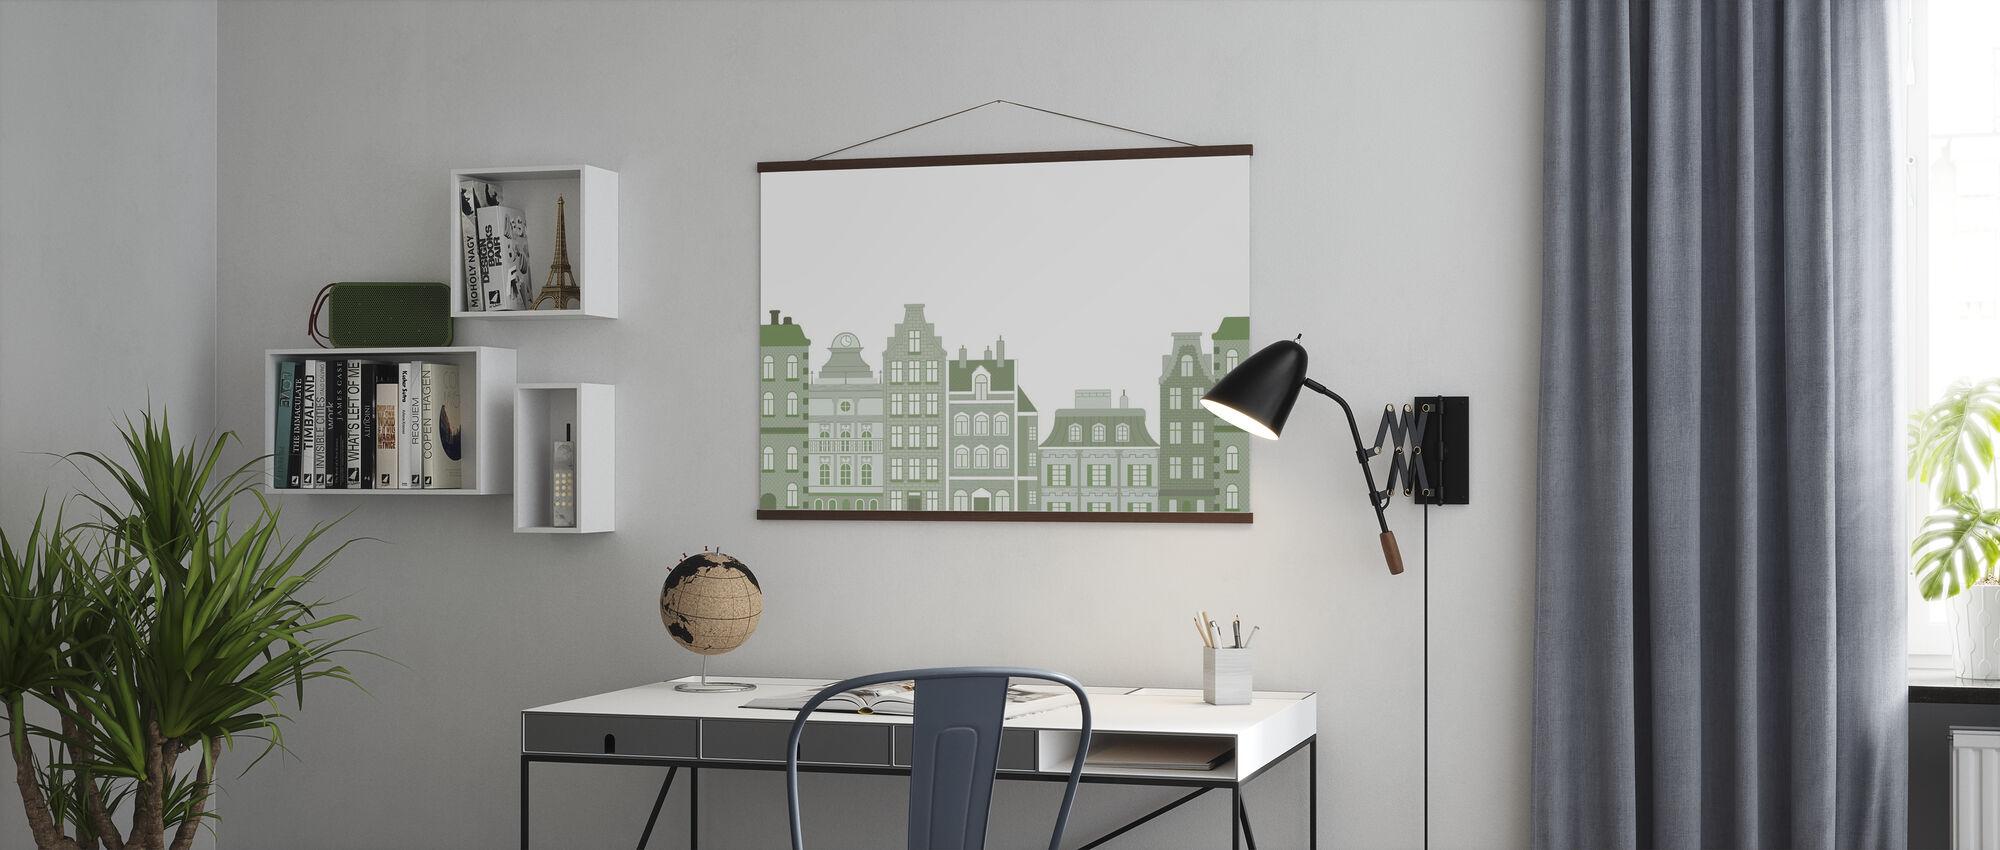 Oude Stad Groen - Poster - Kantoor